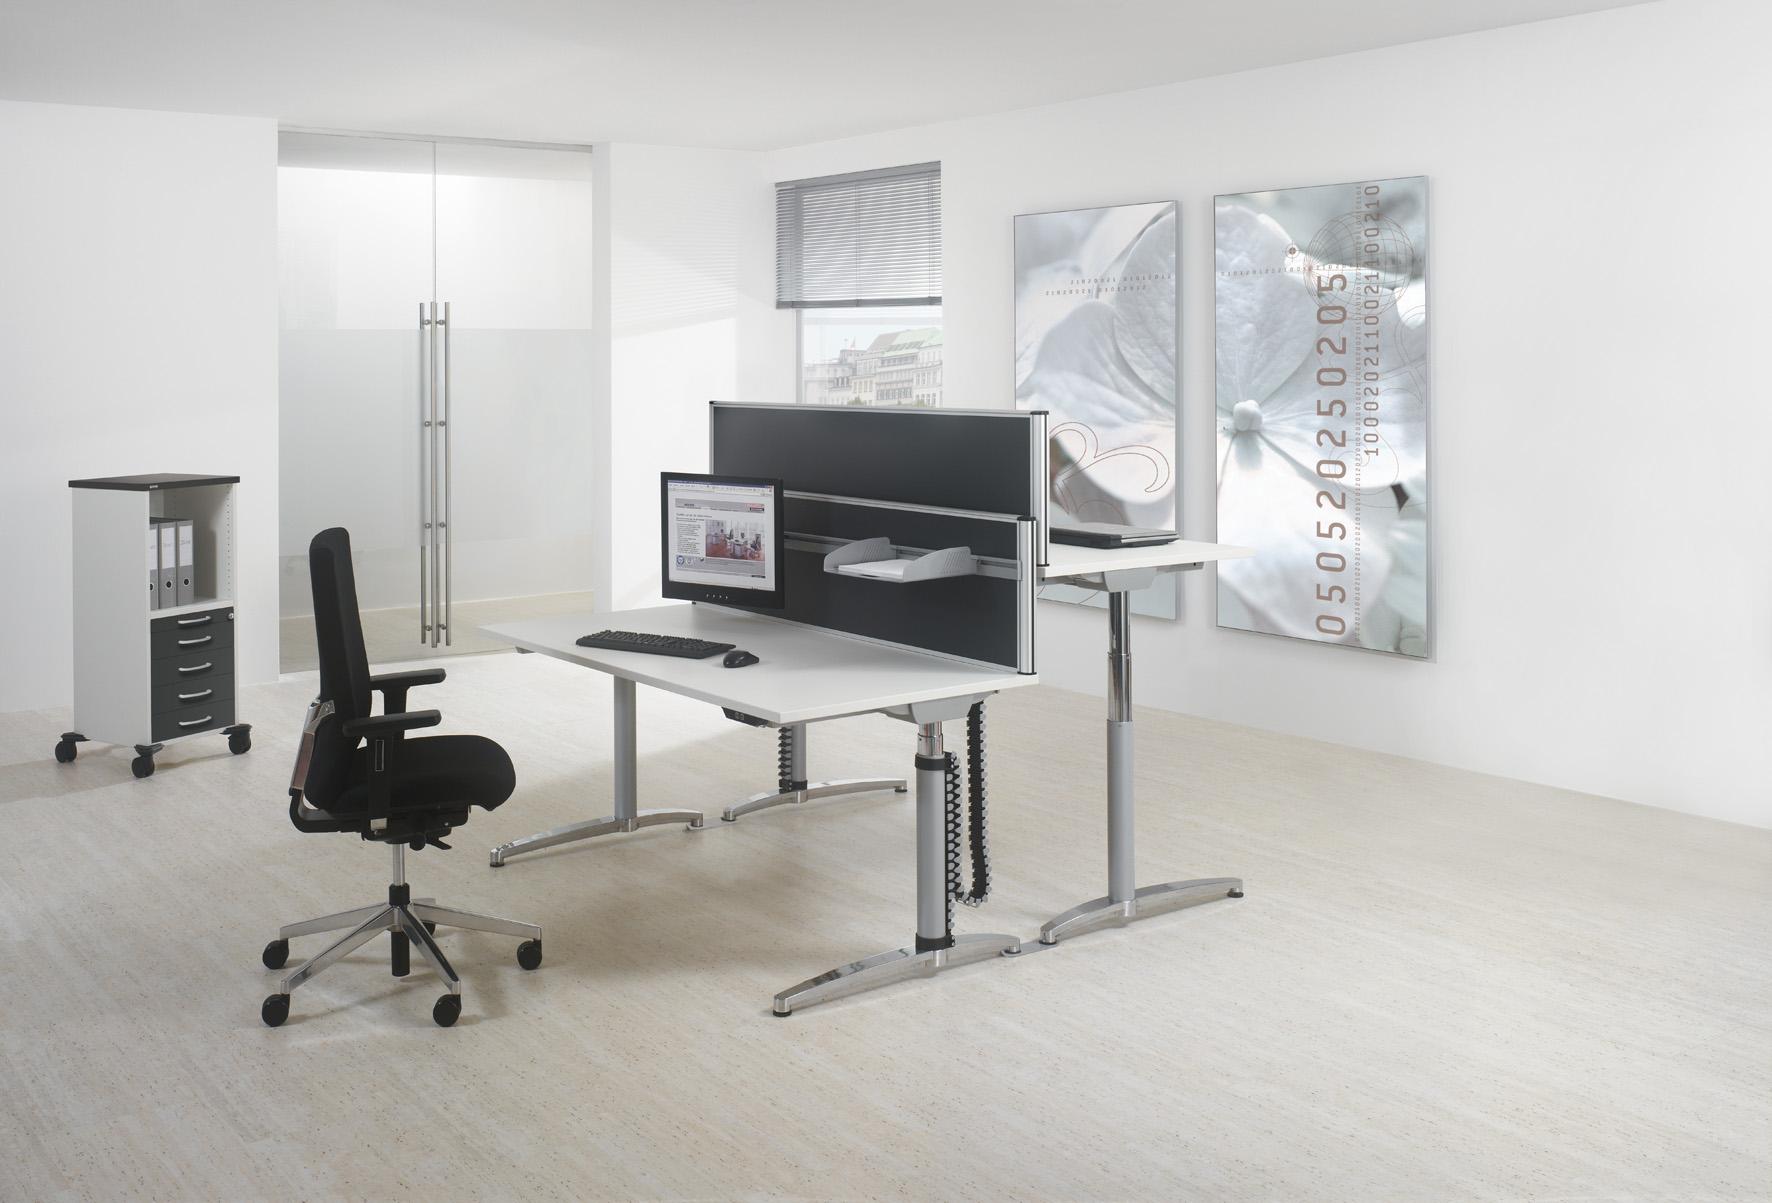 steh sitz tische ausprobieren in unserer ausstellung aktuell 3 modelle vorr tig b ros in. Black Bedroom Furniture Sets. Home Design Ideas